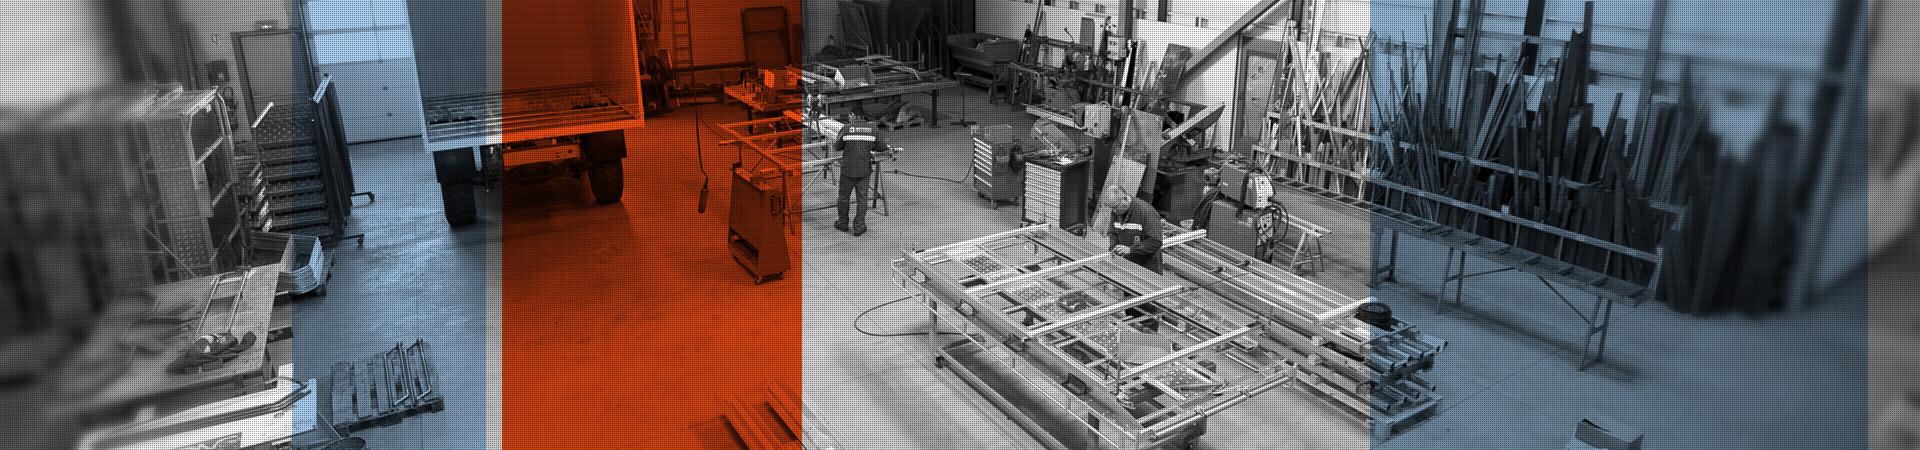 artieres carrosserie atelier poids lourds